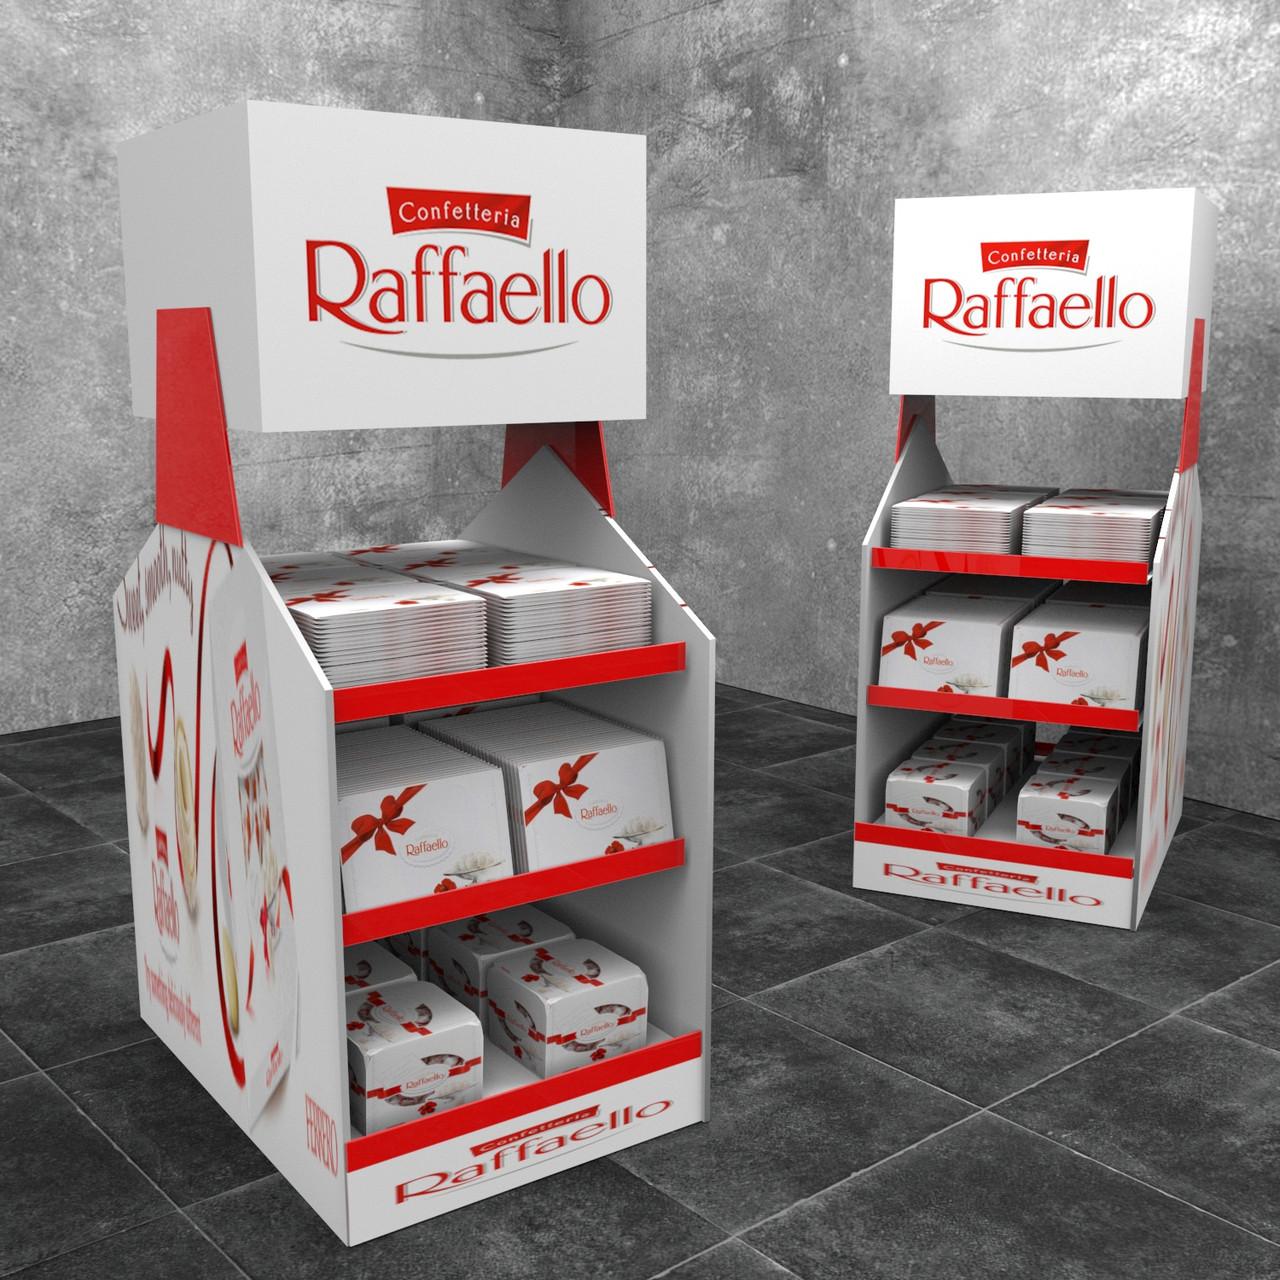 Торговая мебель для Raffaello